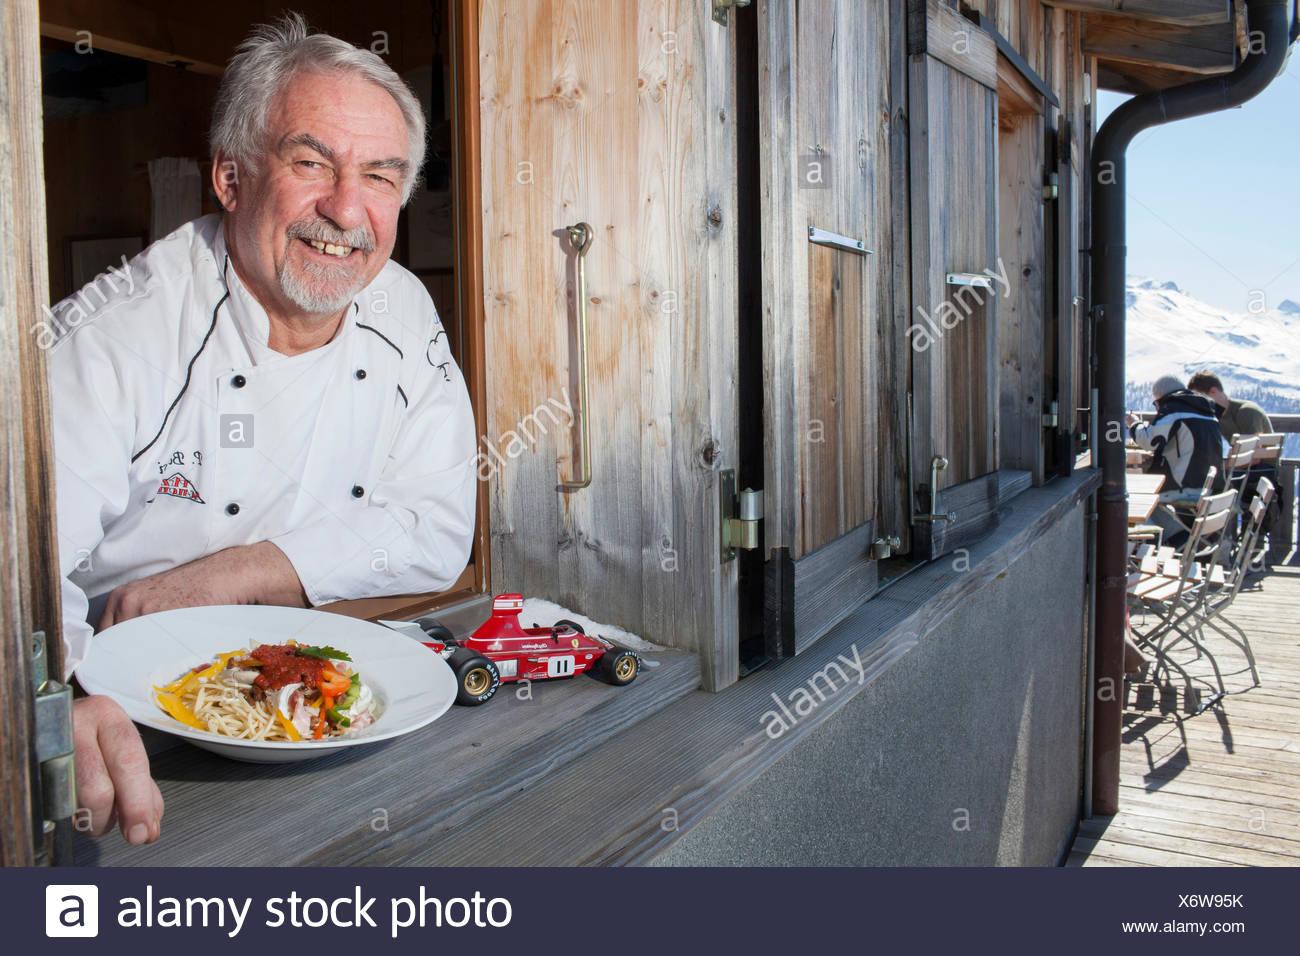 Kochen Sie mit einem Teller Spaghetti Regazzoni, Berggasthaus Piz Scalottas, Lenzerheide, Scharans, Kanton Graubündens, der Schweiz Stockbild